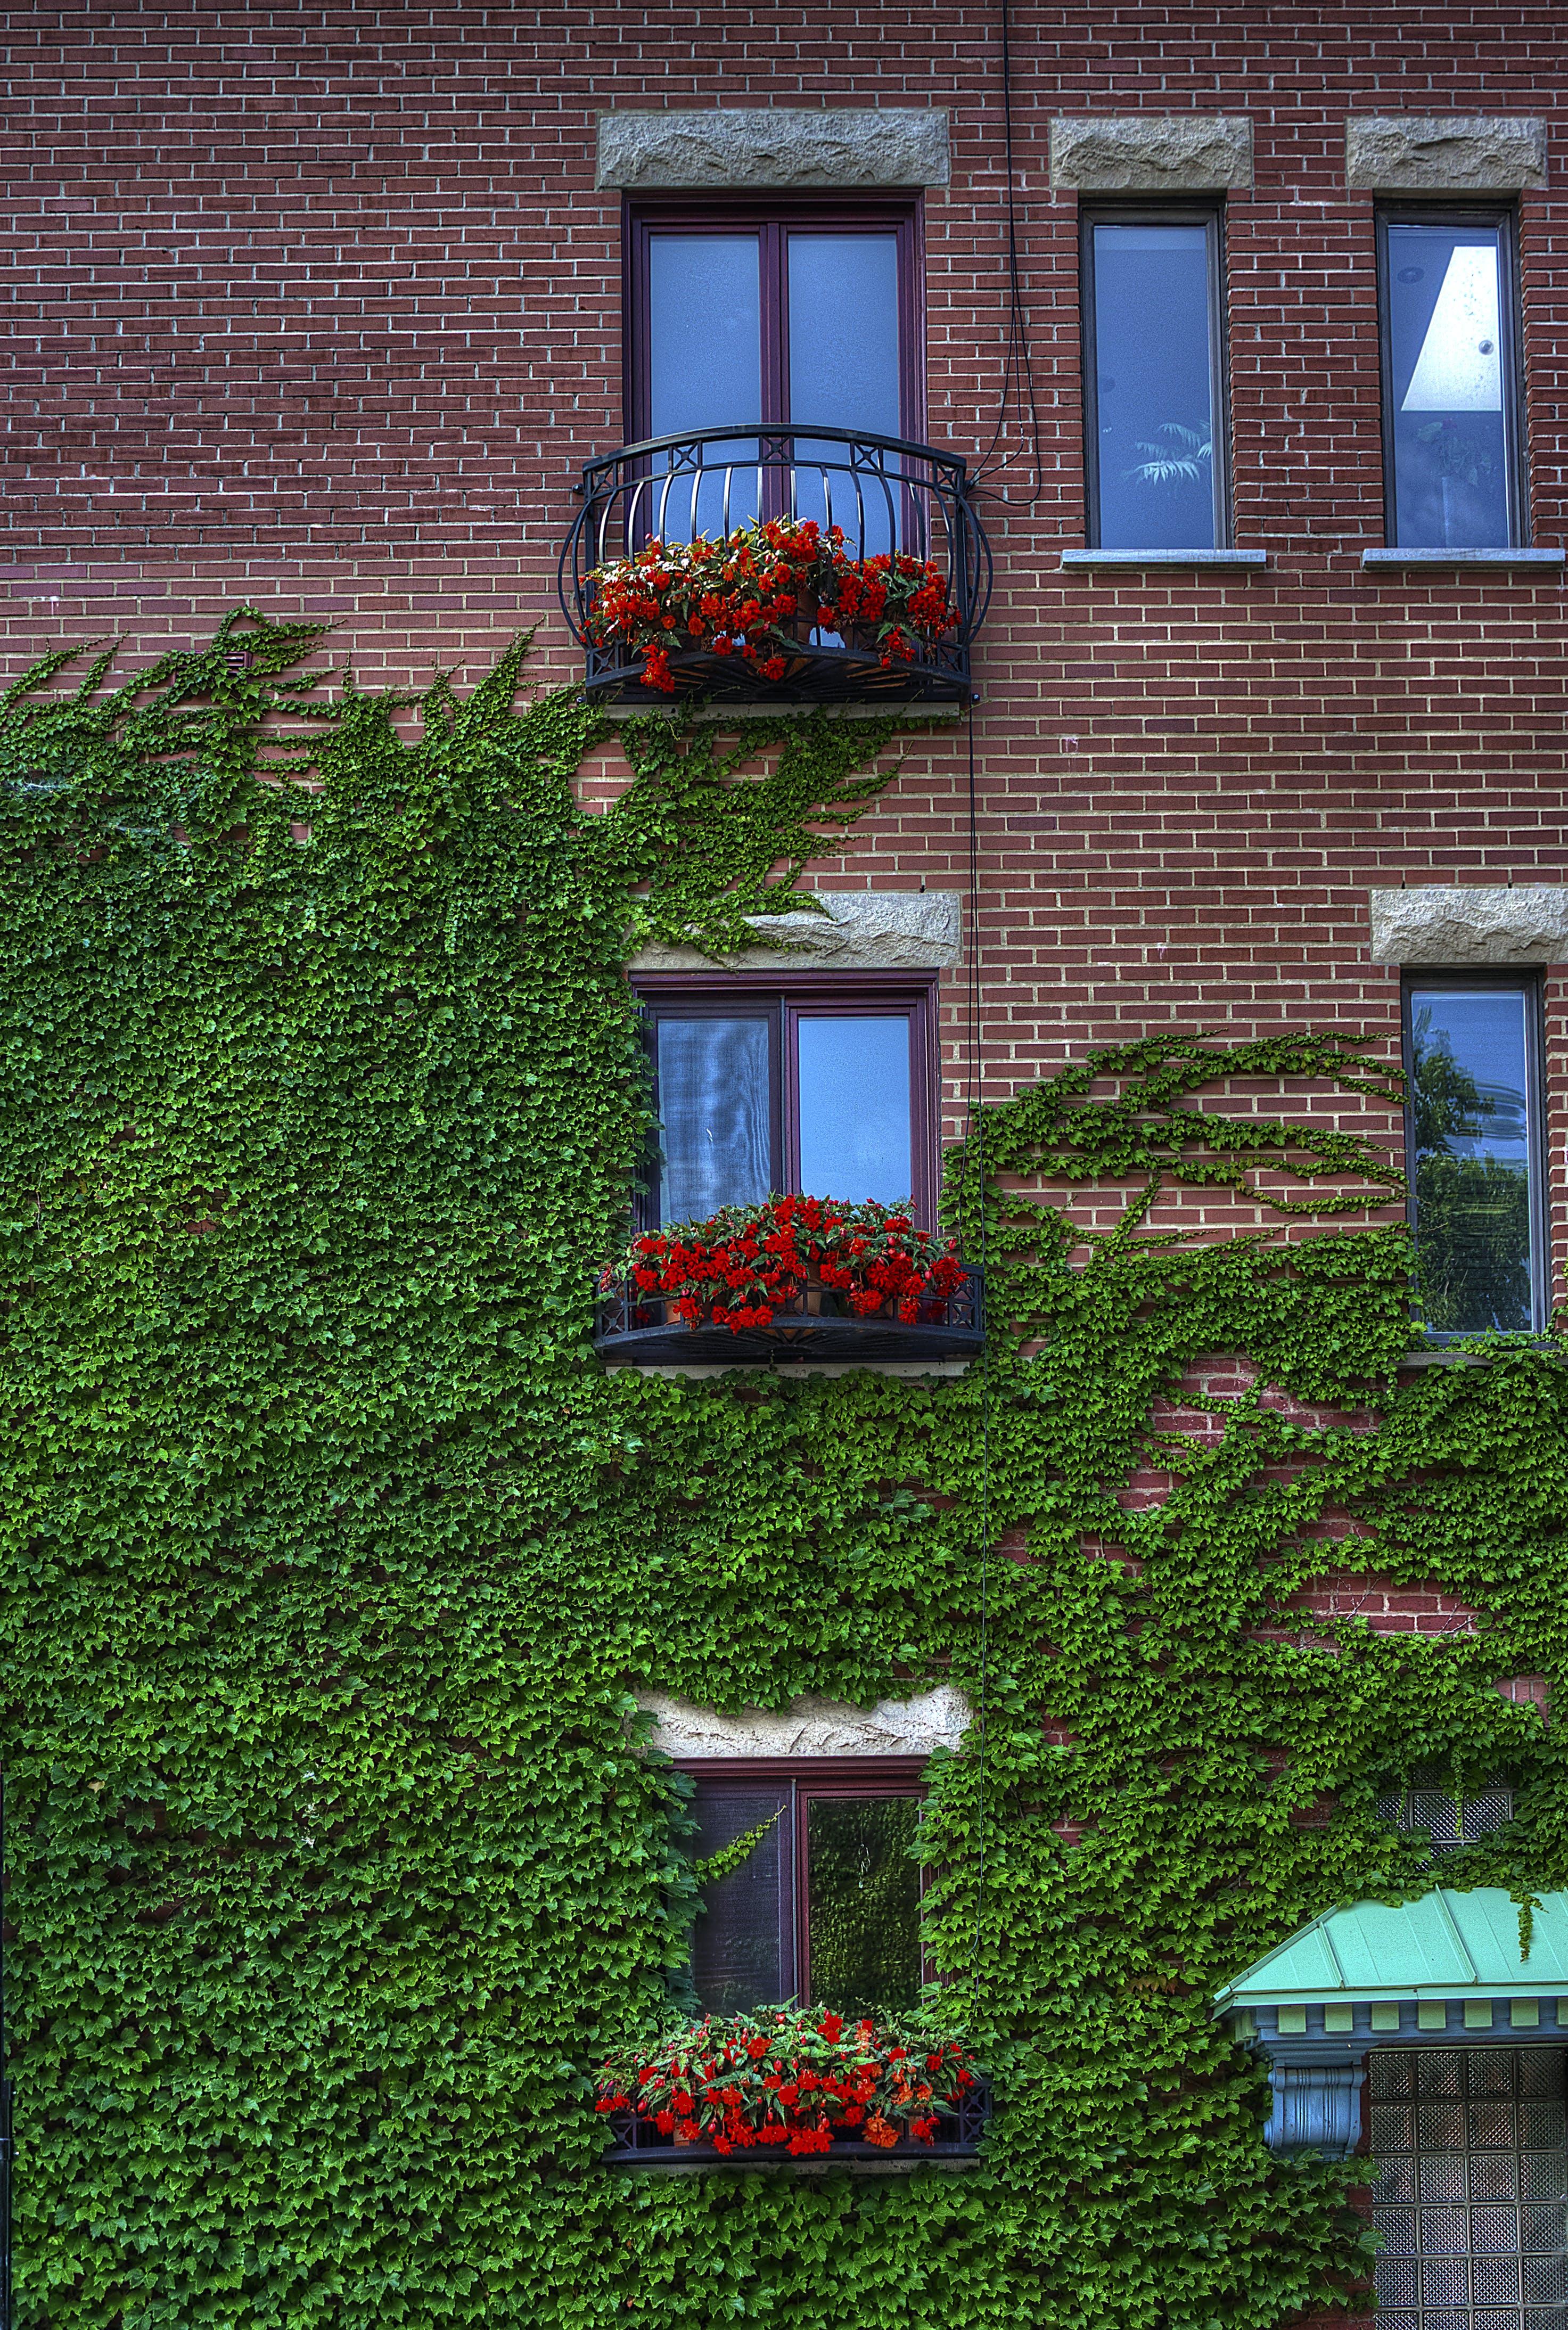 Gratis lagerfoto af blomster, bygning, røde mursten, udsatte mursten